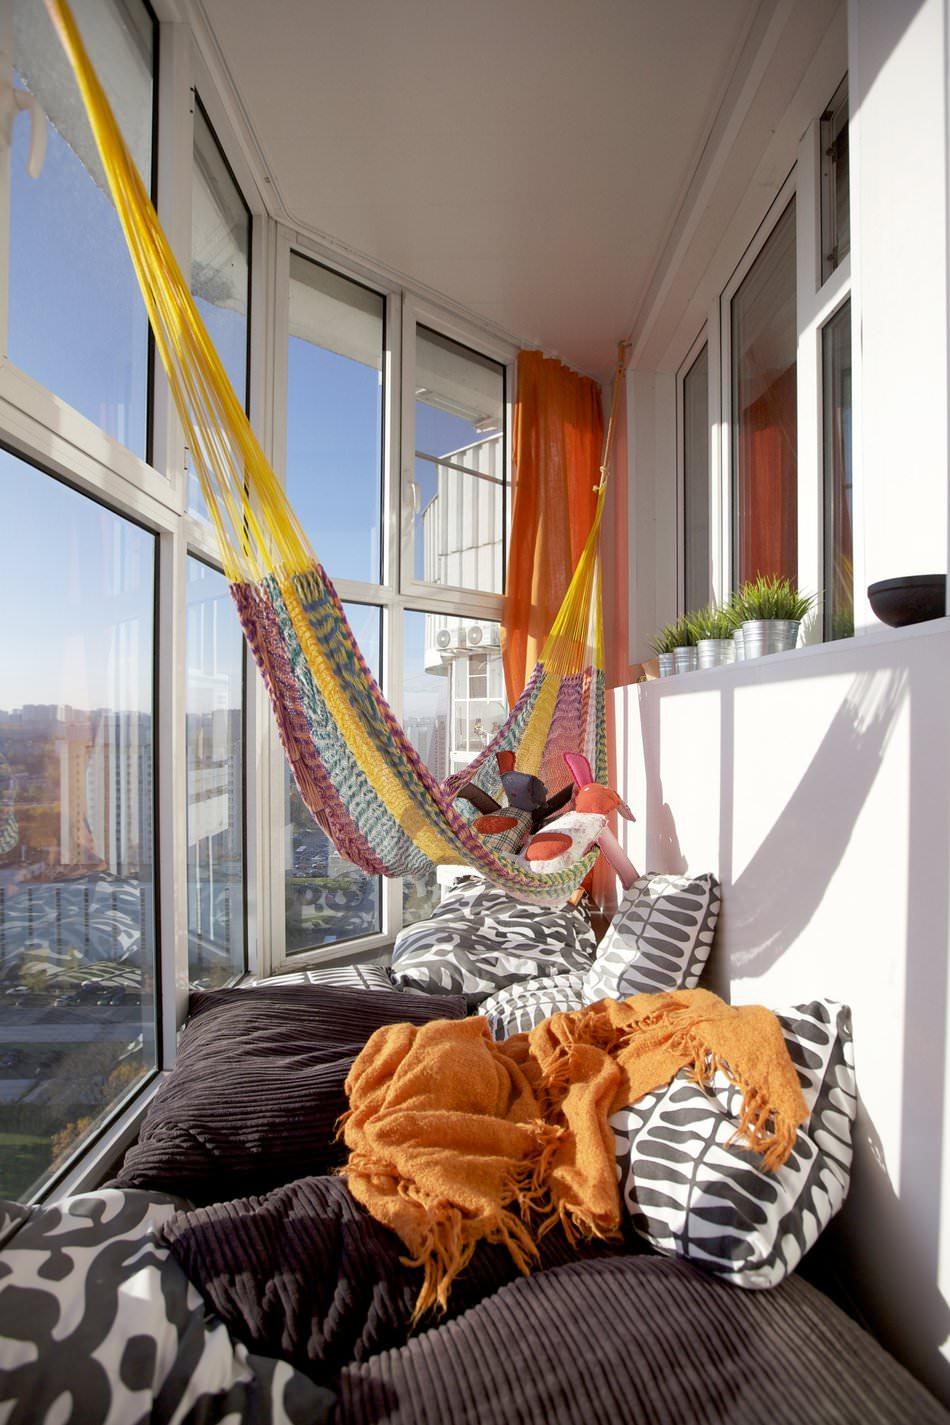 Гамак в гостиной: оригинальное дополнение к интерьеру